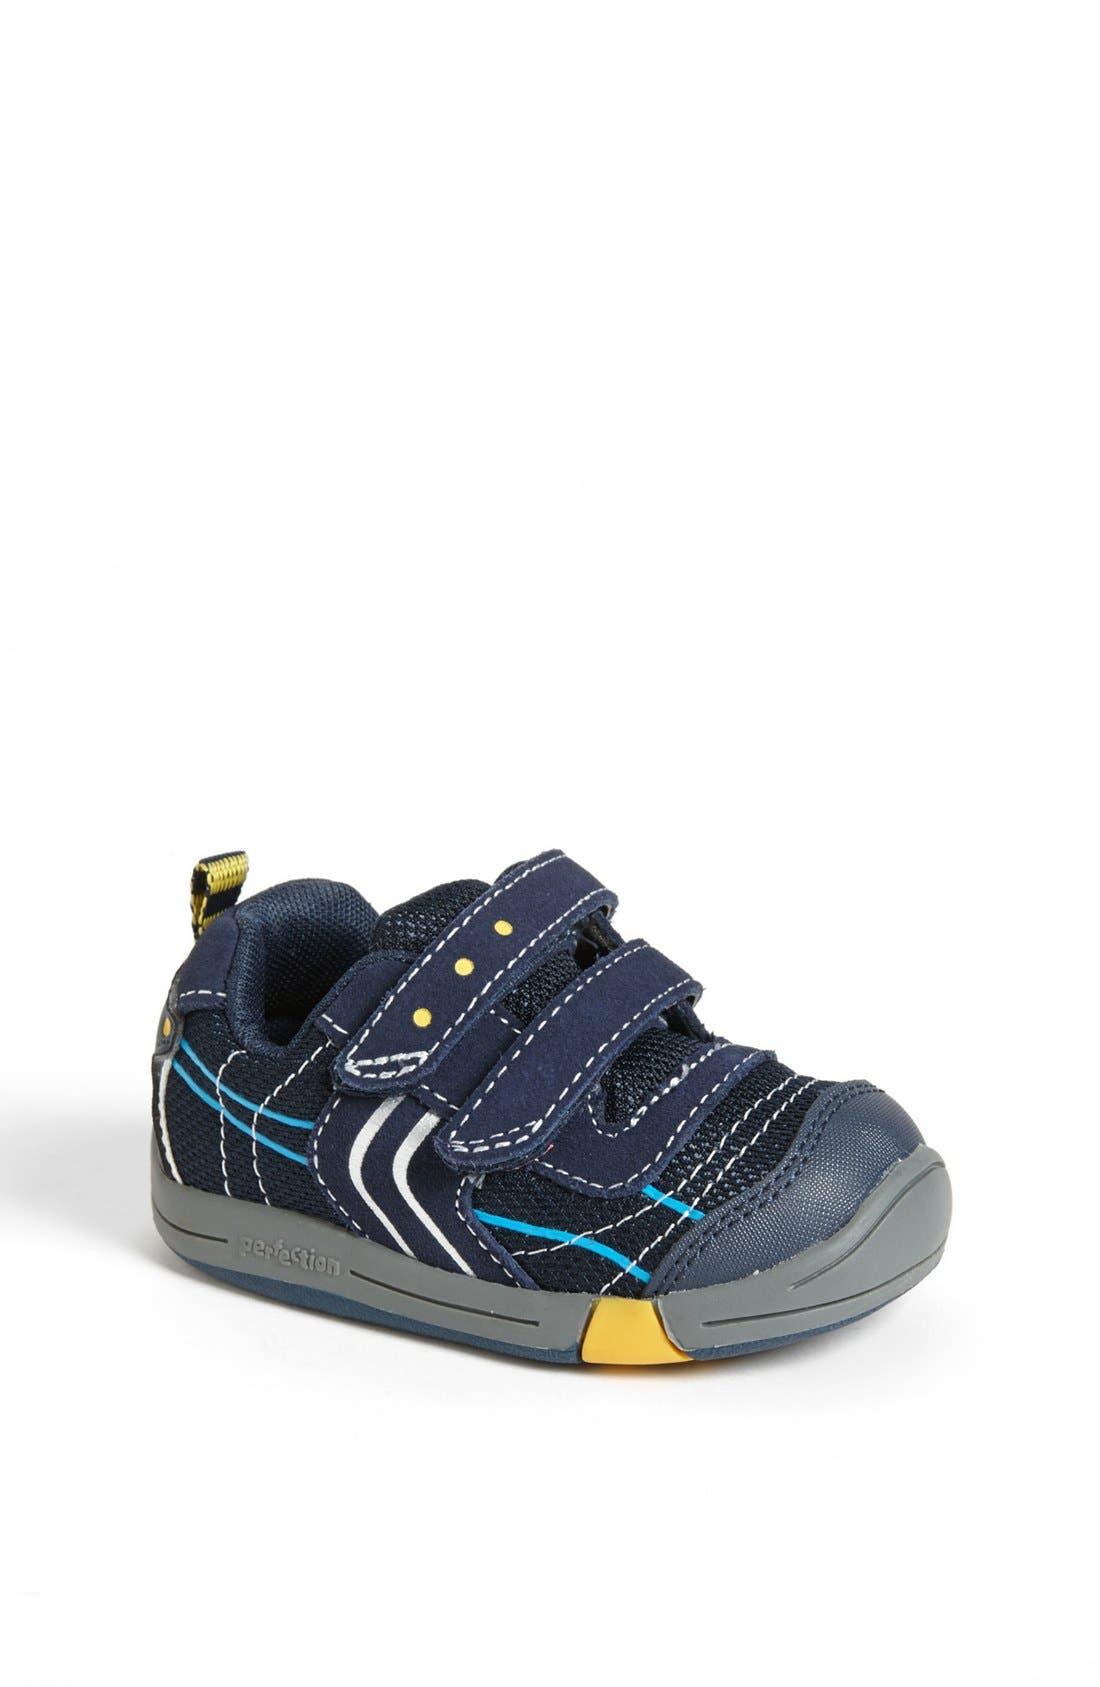 Main Image - Jumping Jacks 'Lazer' Sneaker (Baby, Walker & Toddler)